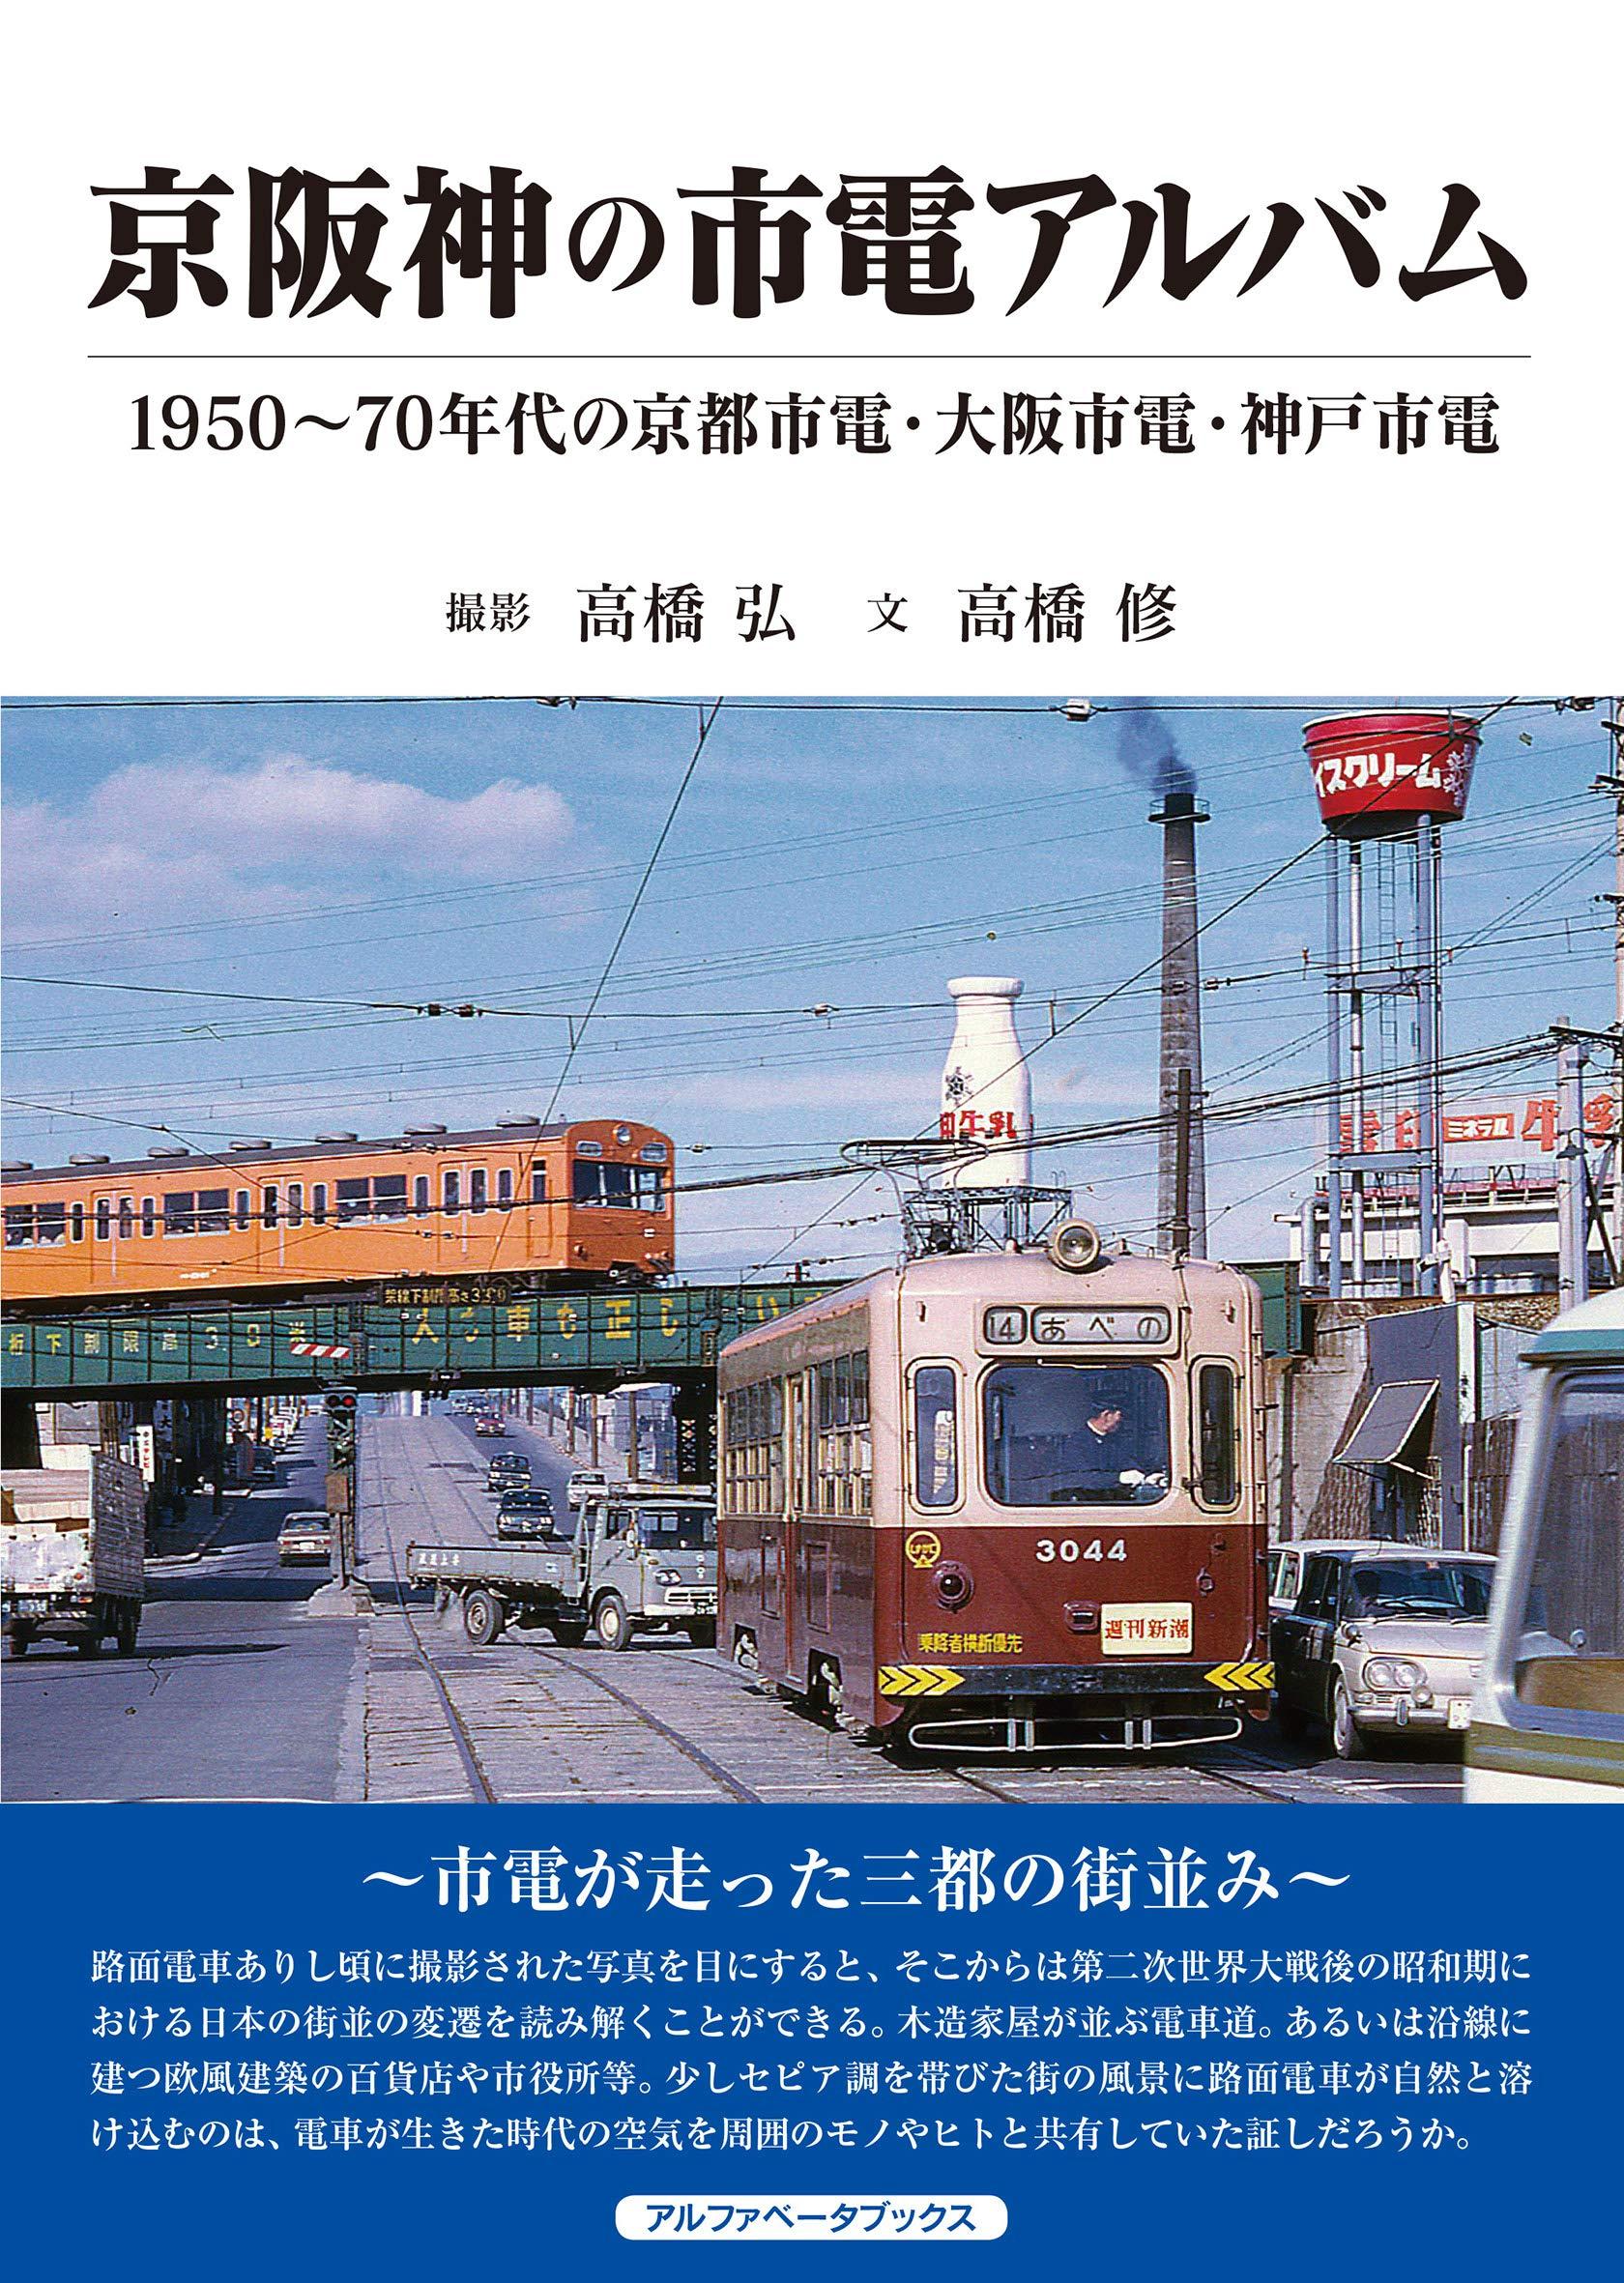 大阪市電九条高津線 - JapaneseClass.jp